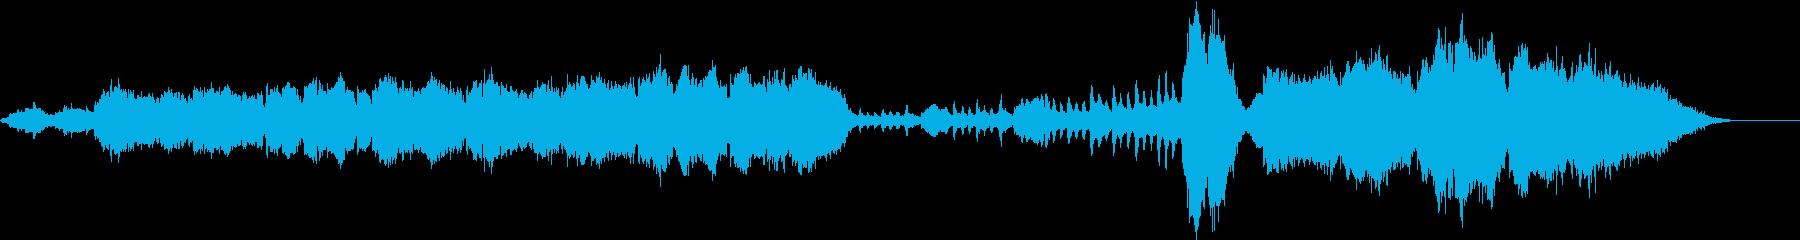 ジブリ風  哀愁溢れるオーケストラの再生済みの波形